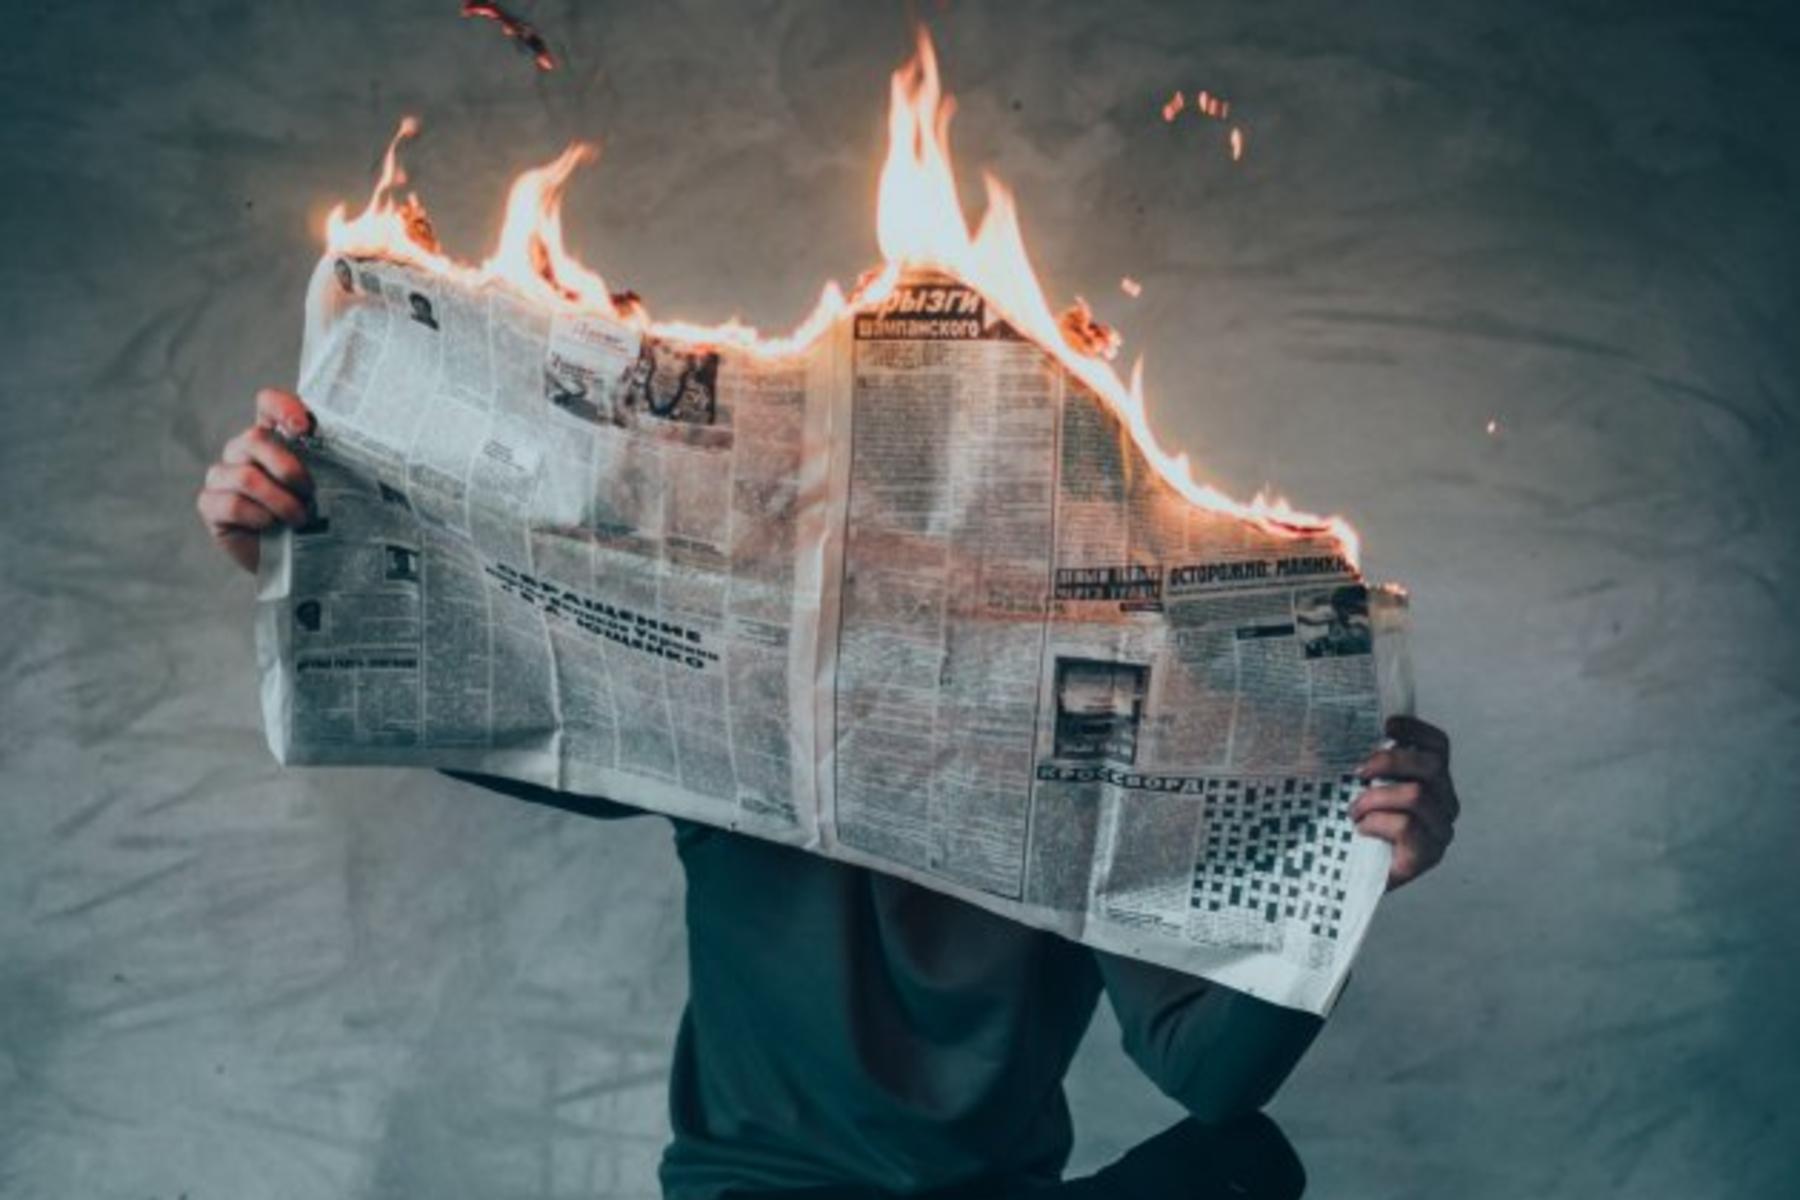 Άγχος κορωνοϊός: Διακατέχεσαι από πληροφοριακό άγχος